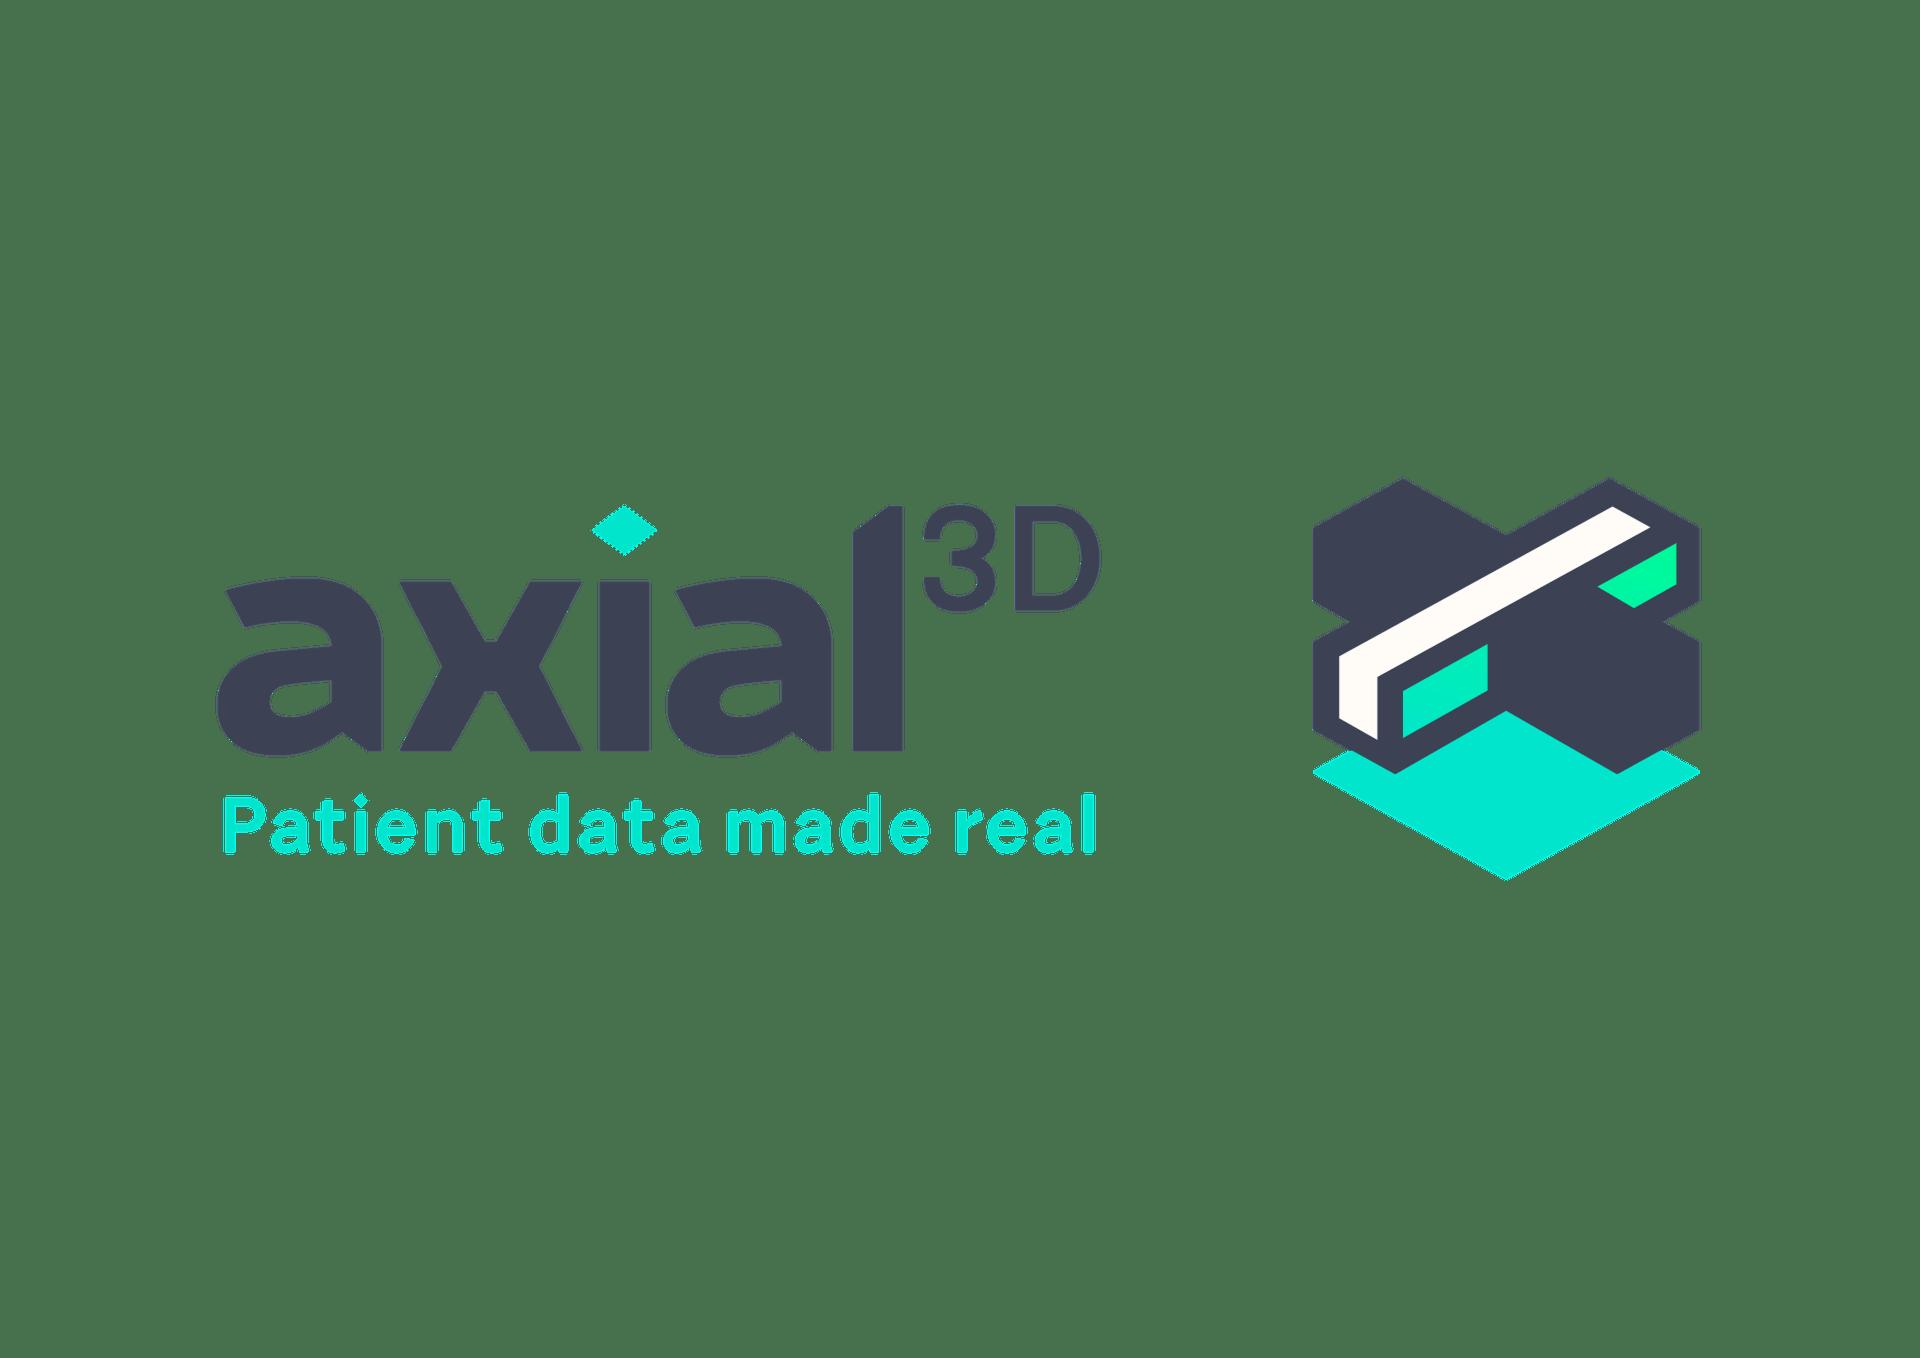 Axial 3D